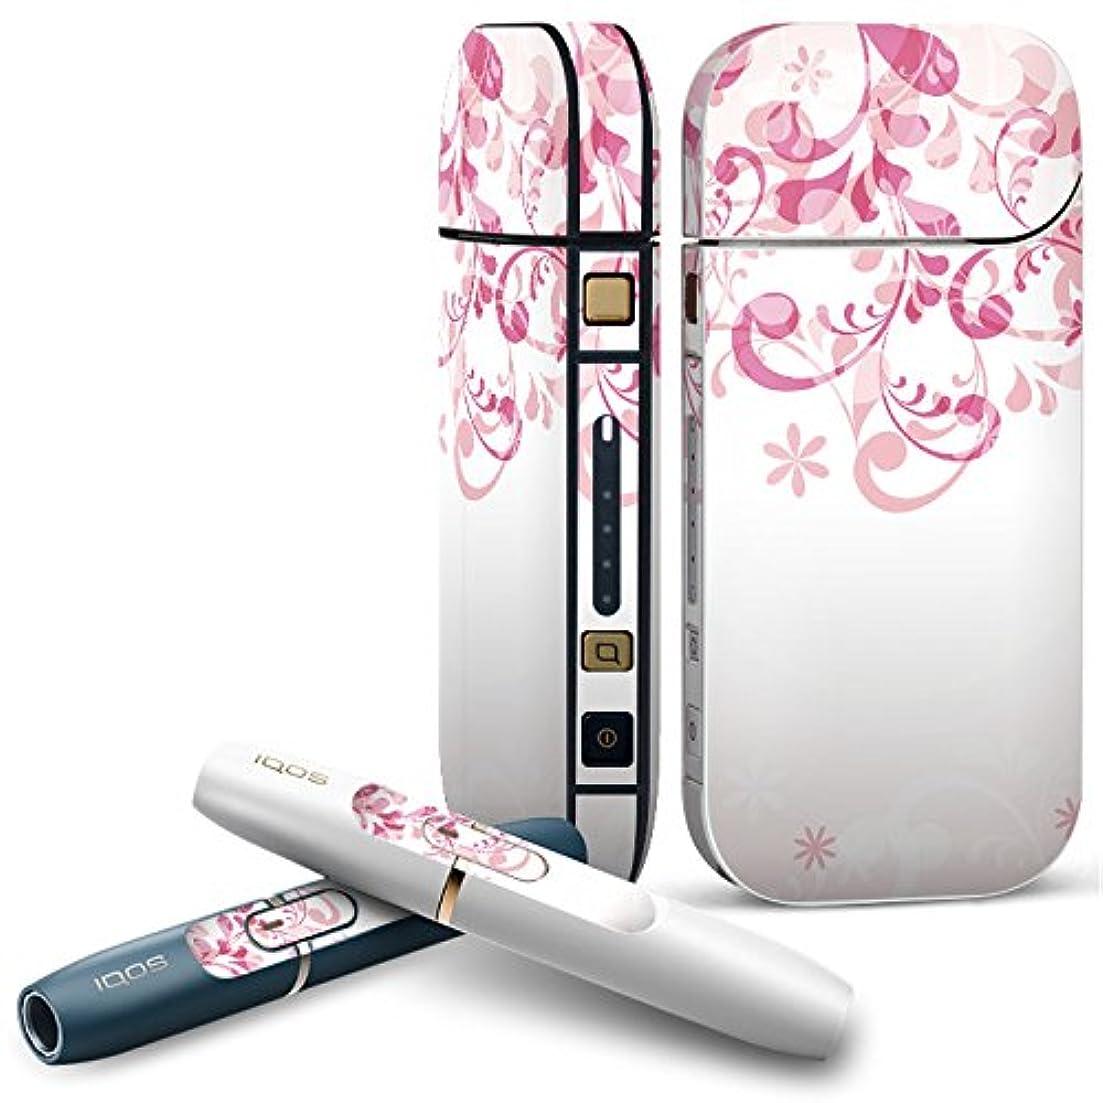 共和国脅かすたっぷりIQOS 2.4 plus 専用スキンシール COMPLETE アイコス 全面セット サイド ボタン デコ ラブリー ピンク 花 模様 000189